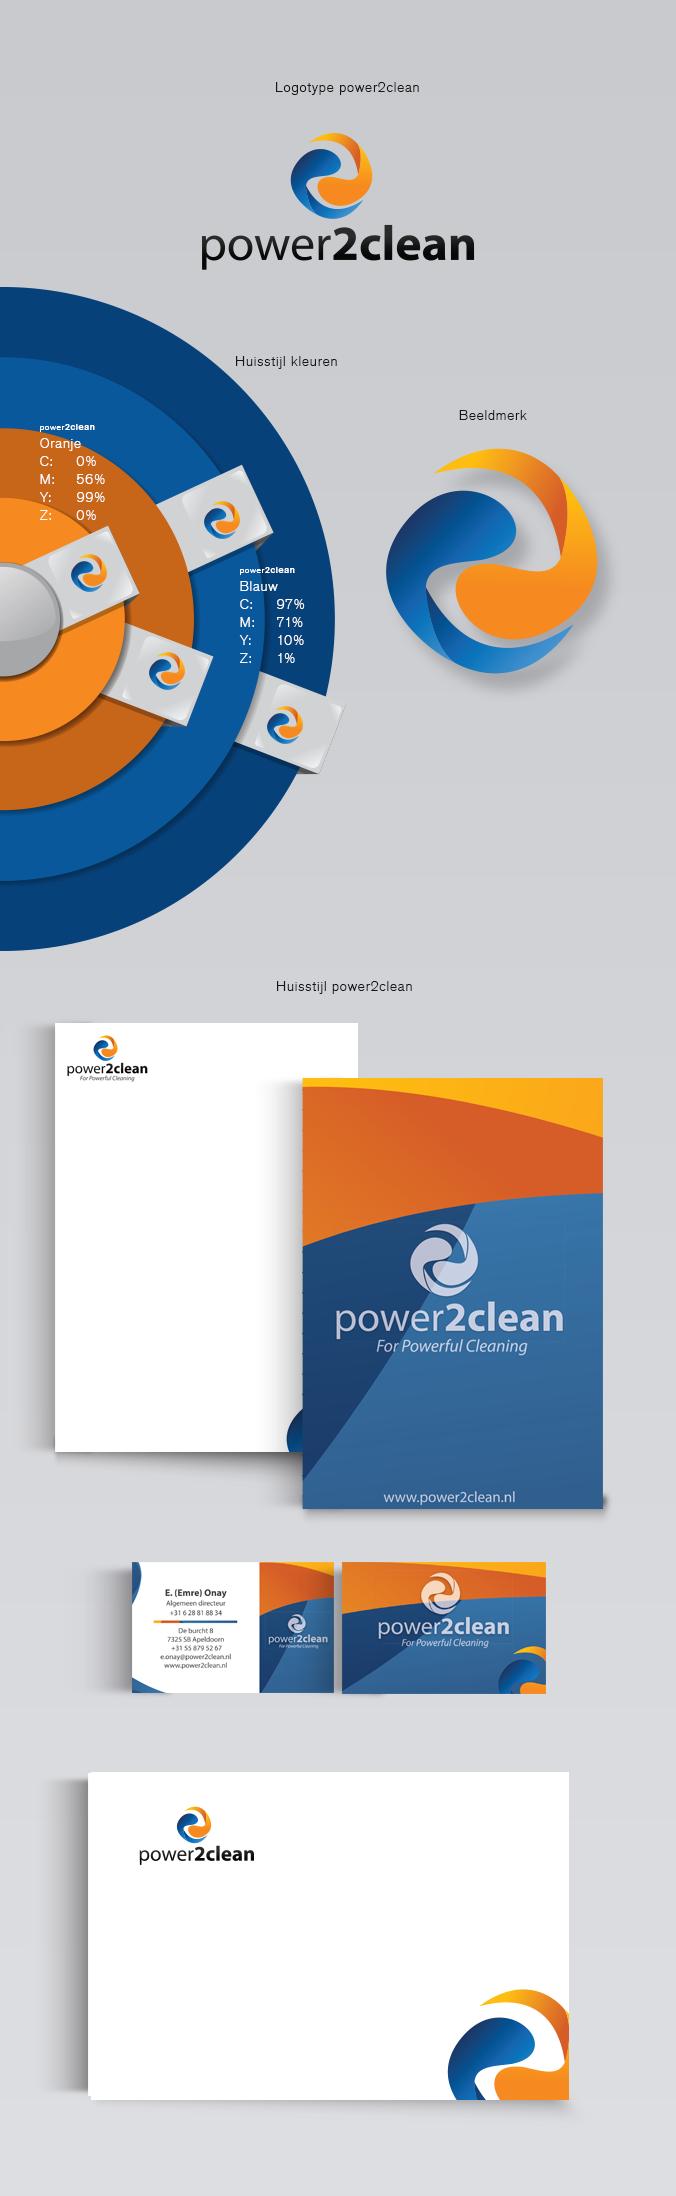 Power 2 Clean